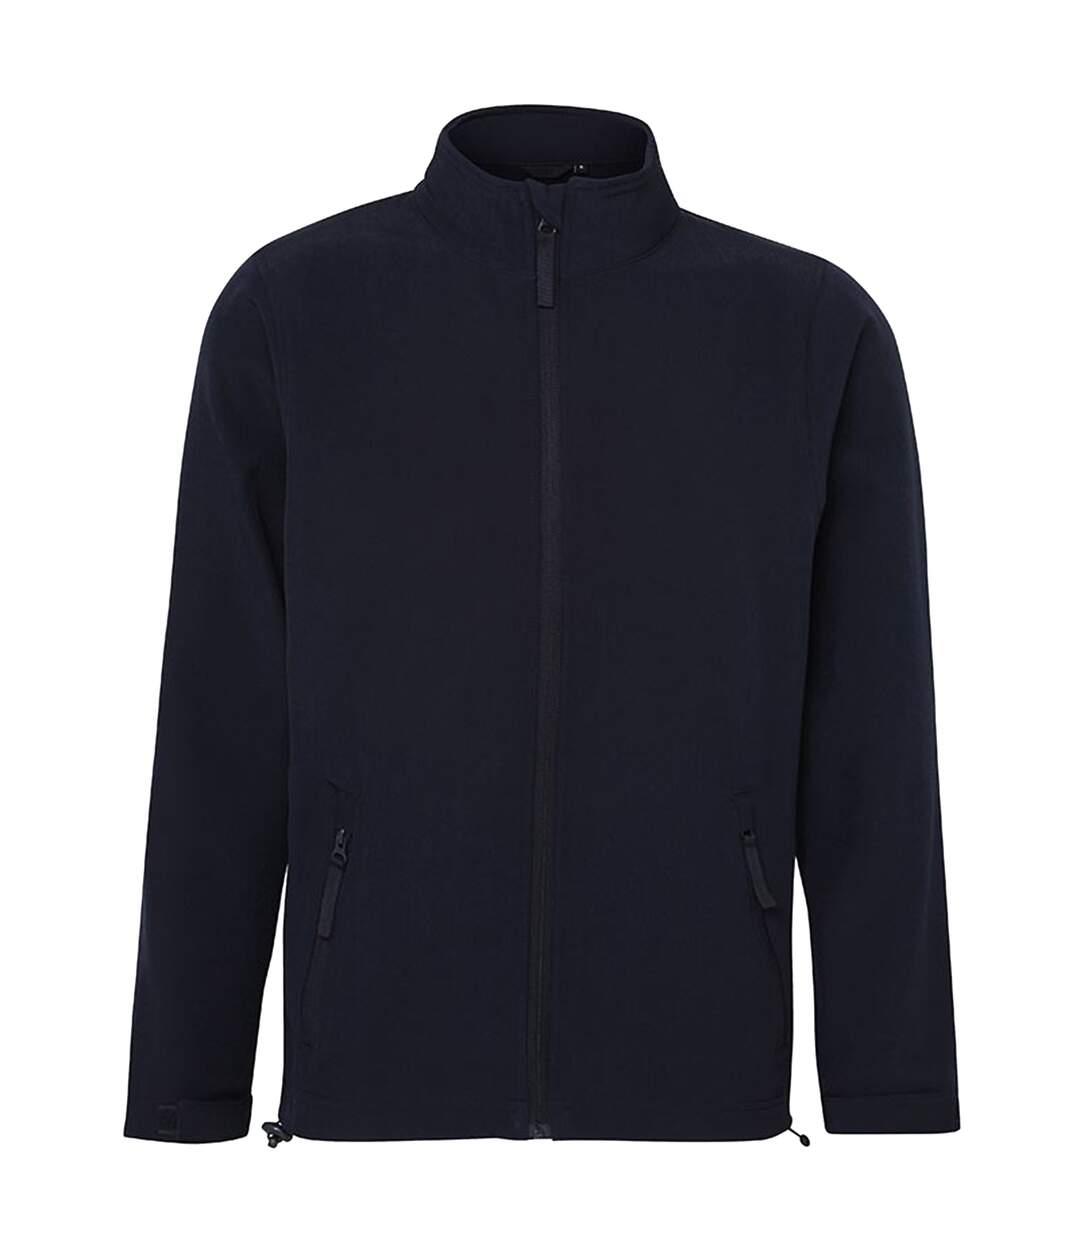 RTXtra Mens Classic 2 Layer Softshell Jacket (Navy) - UTRW5579